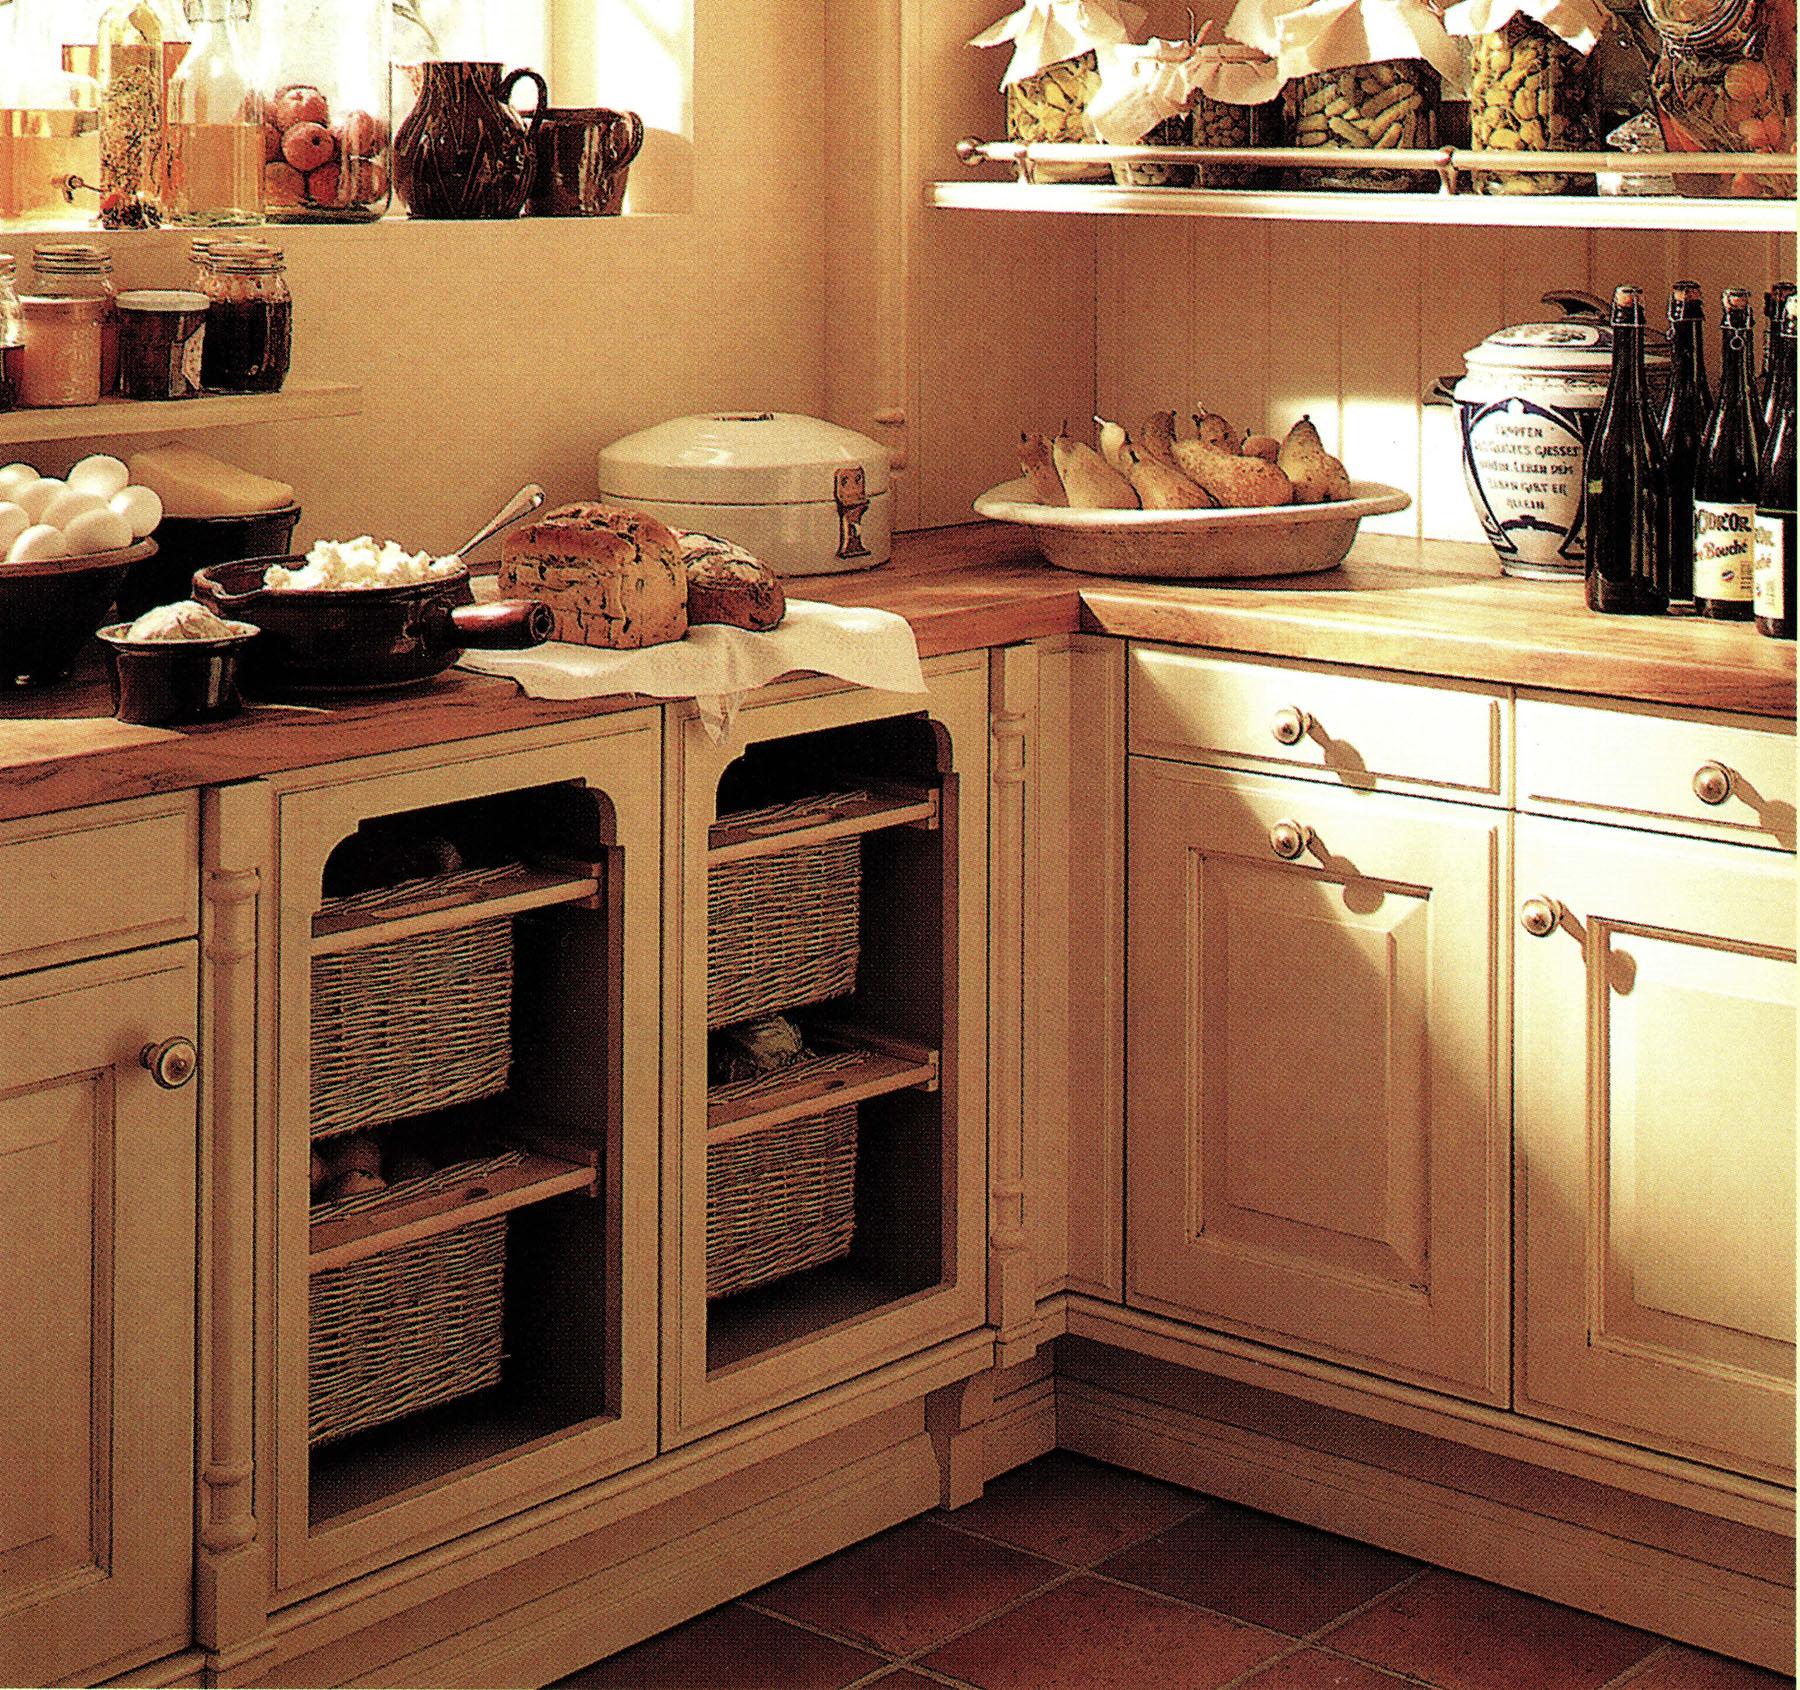 Kitchen with kitchen drawer baskets